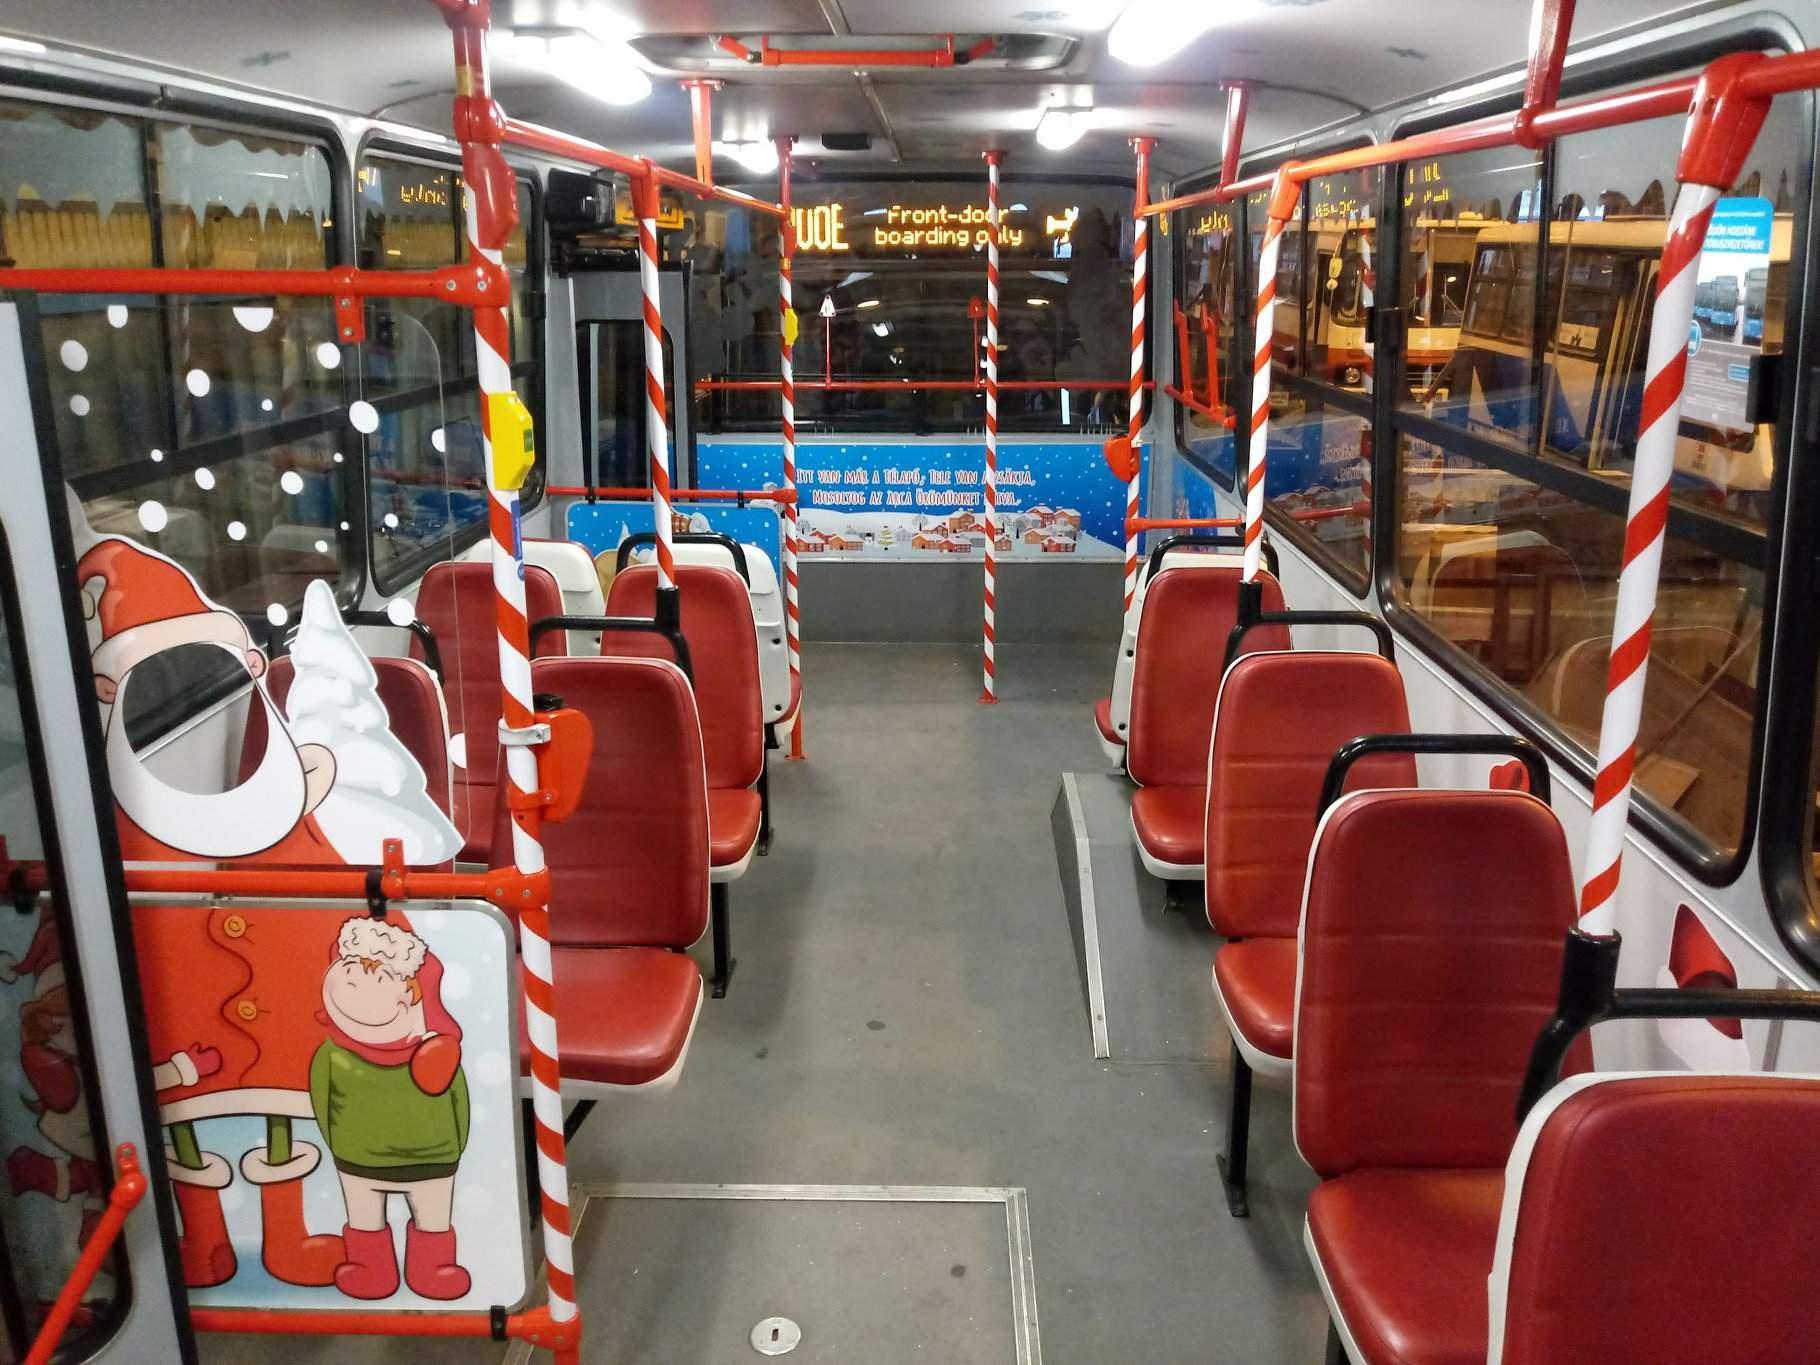 BKK, bus, Santa Claus